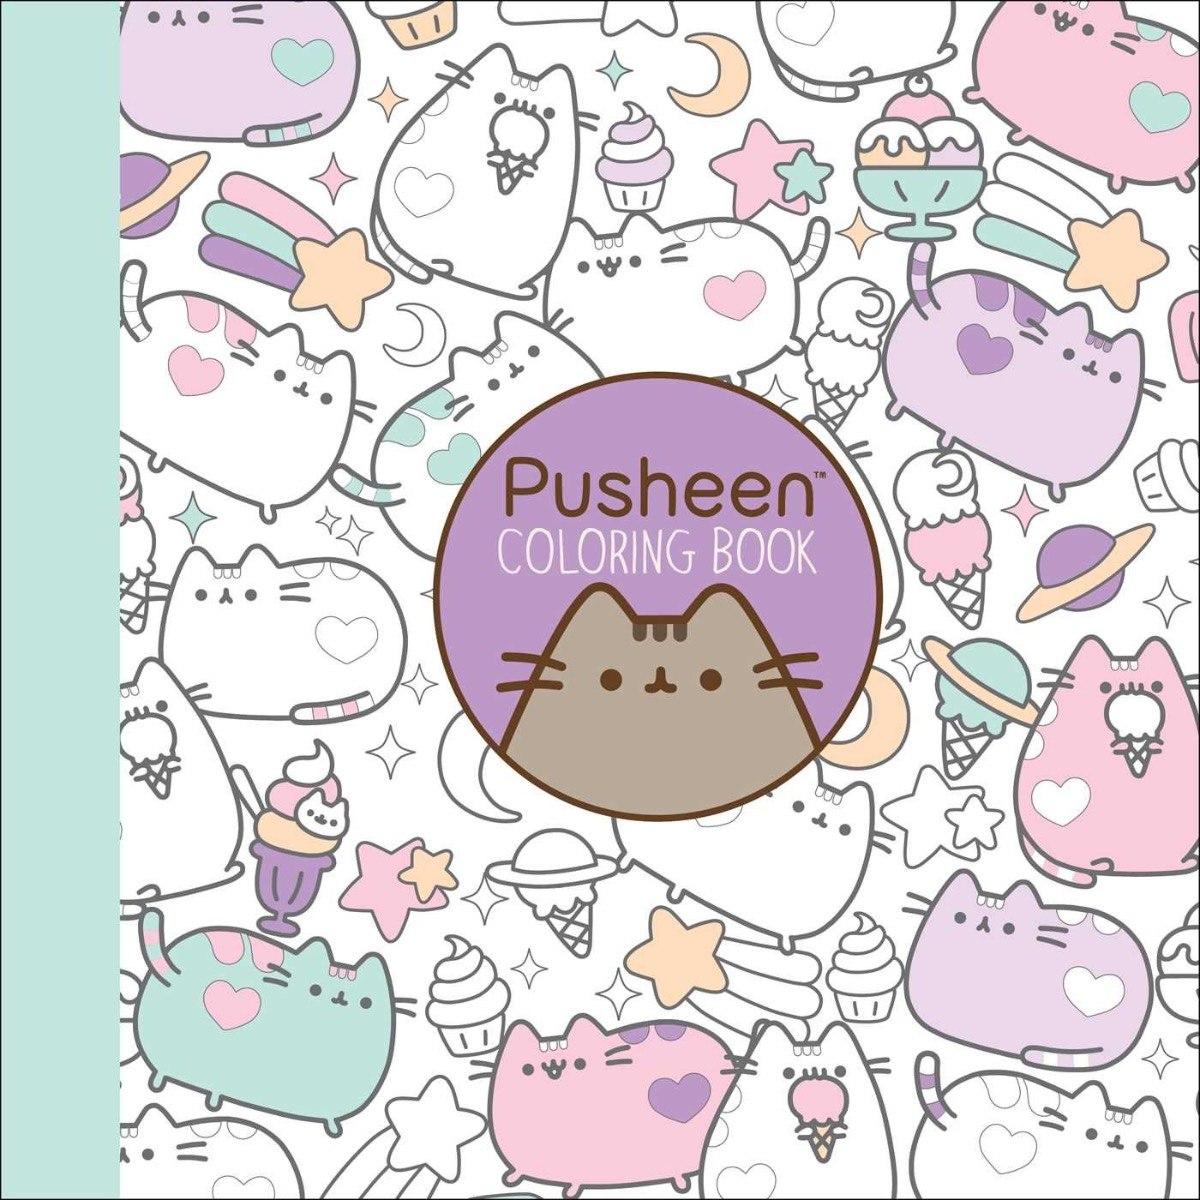 Pusheen Coloring Book (inglés) - Libro Para Colorear - $ 400.00 en ...